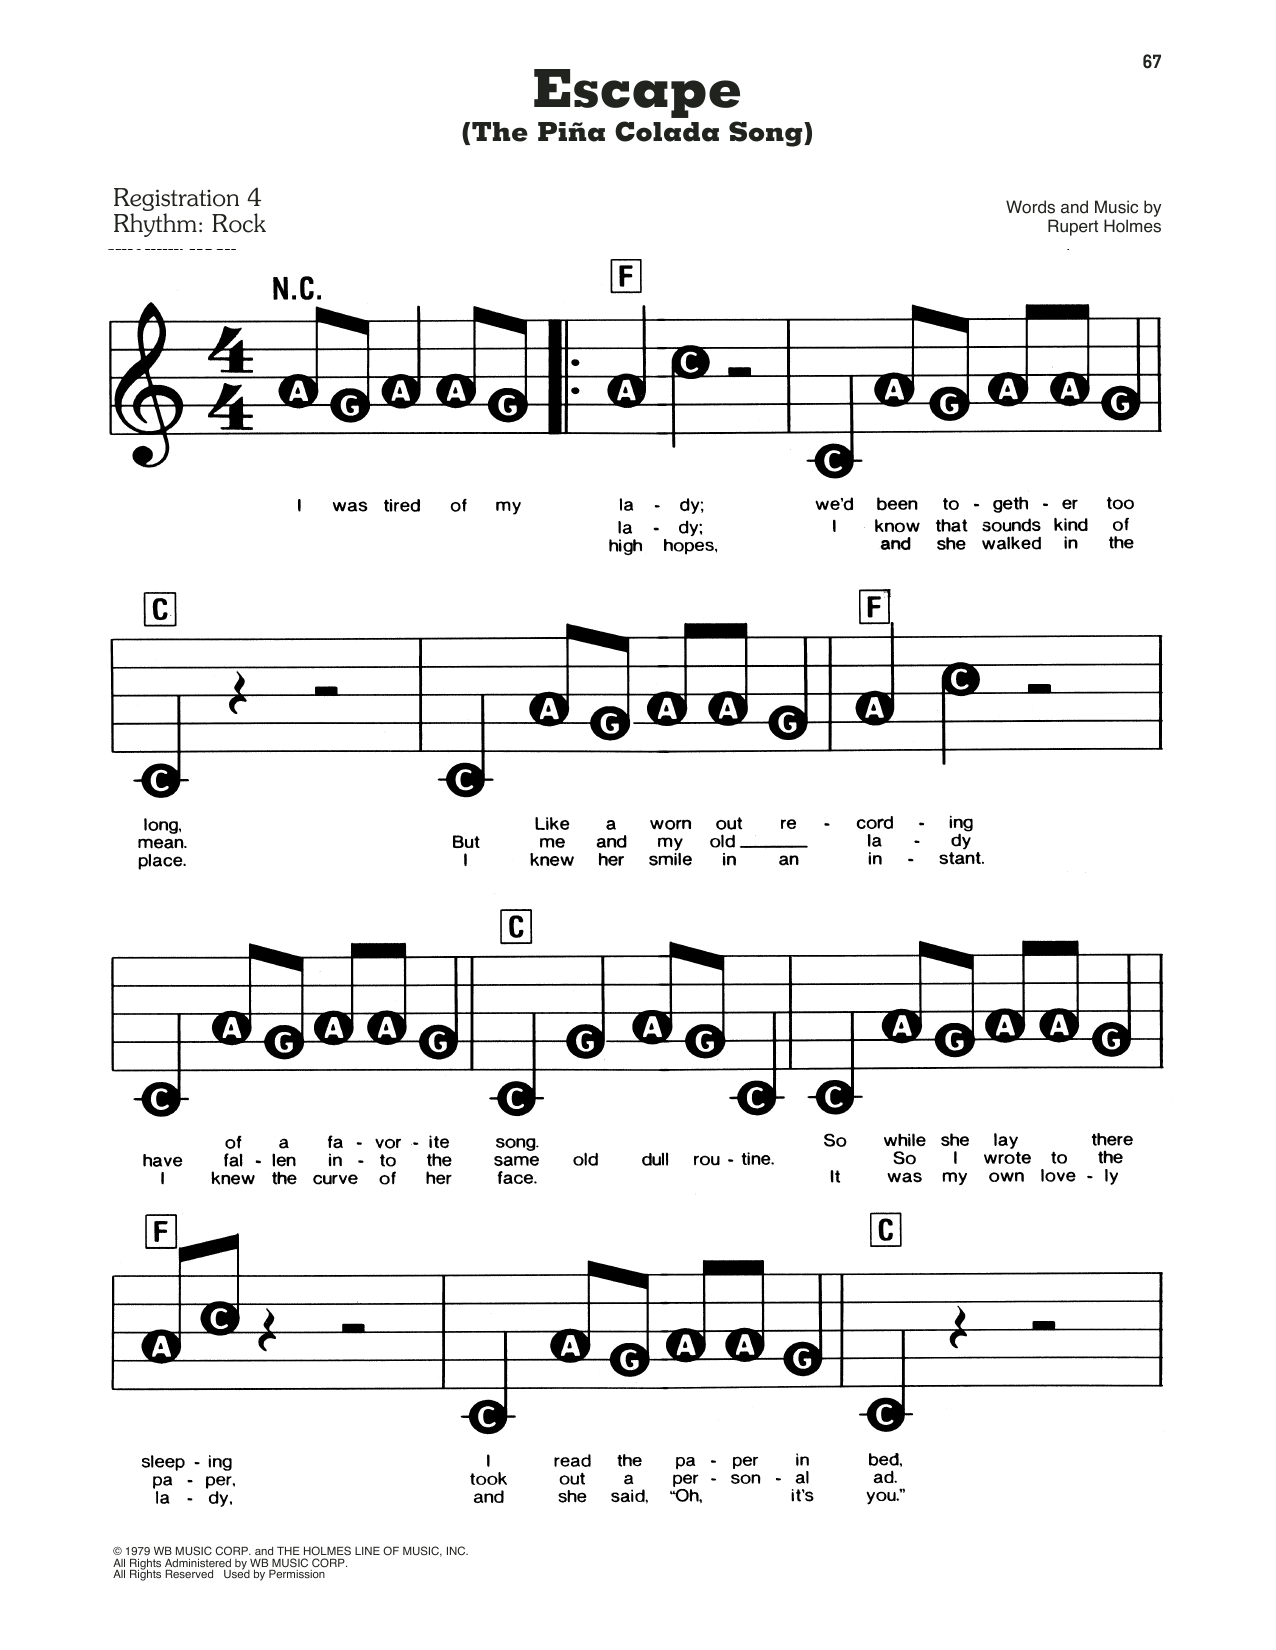 Escape (The Pina Colada Song) Partituras | Rupert Holmes | E-Z Play Today